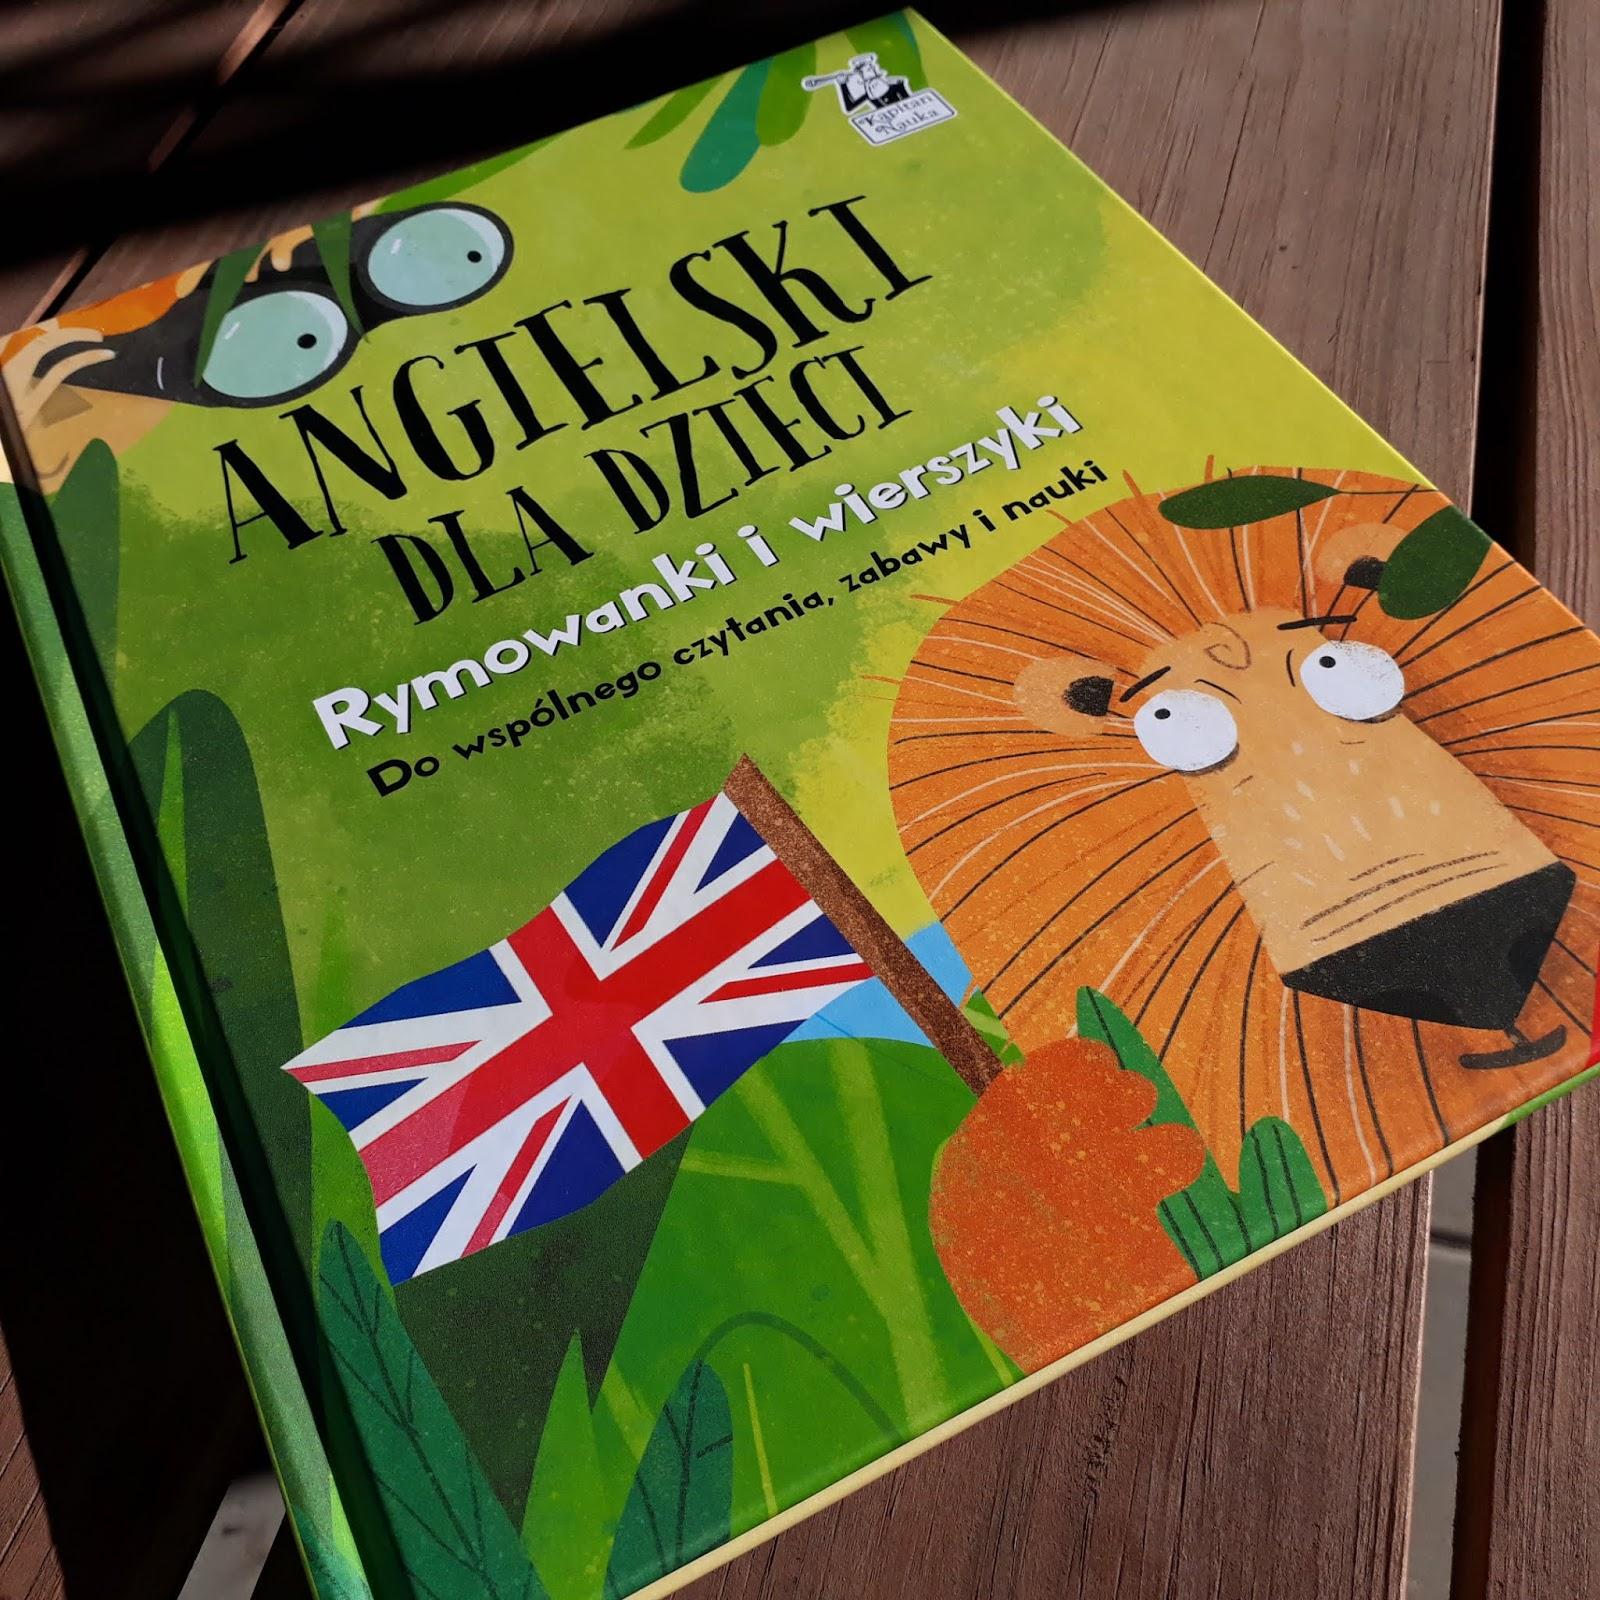 Angielski Dla Dzieci Rymowanki I Wierszyki Od Kapitana Nauki